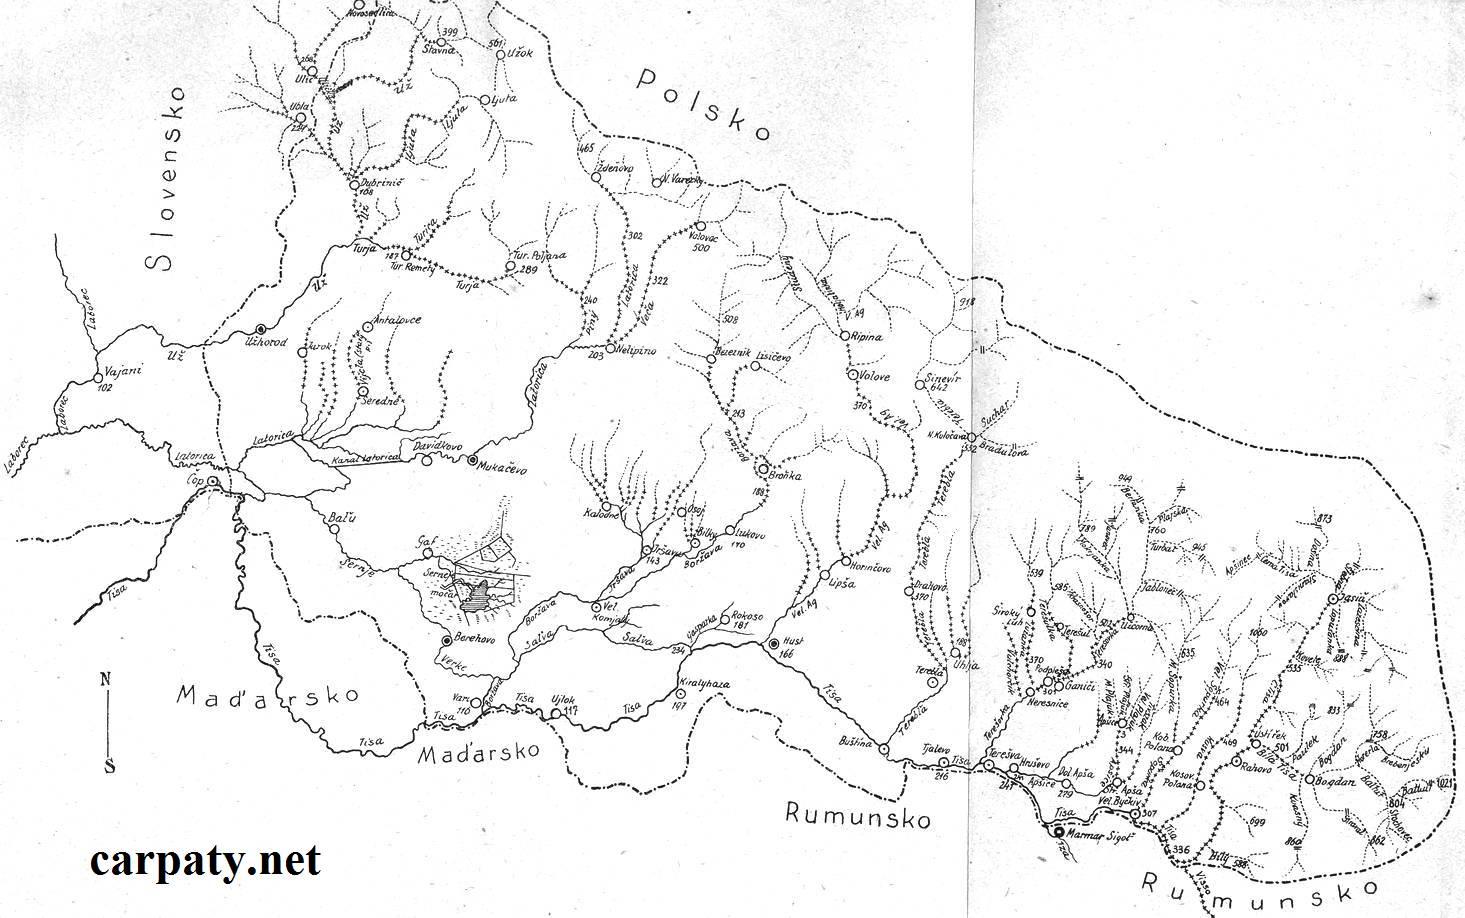 способы изображения на карте: